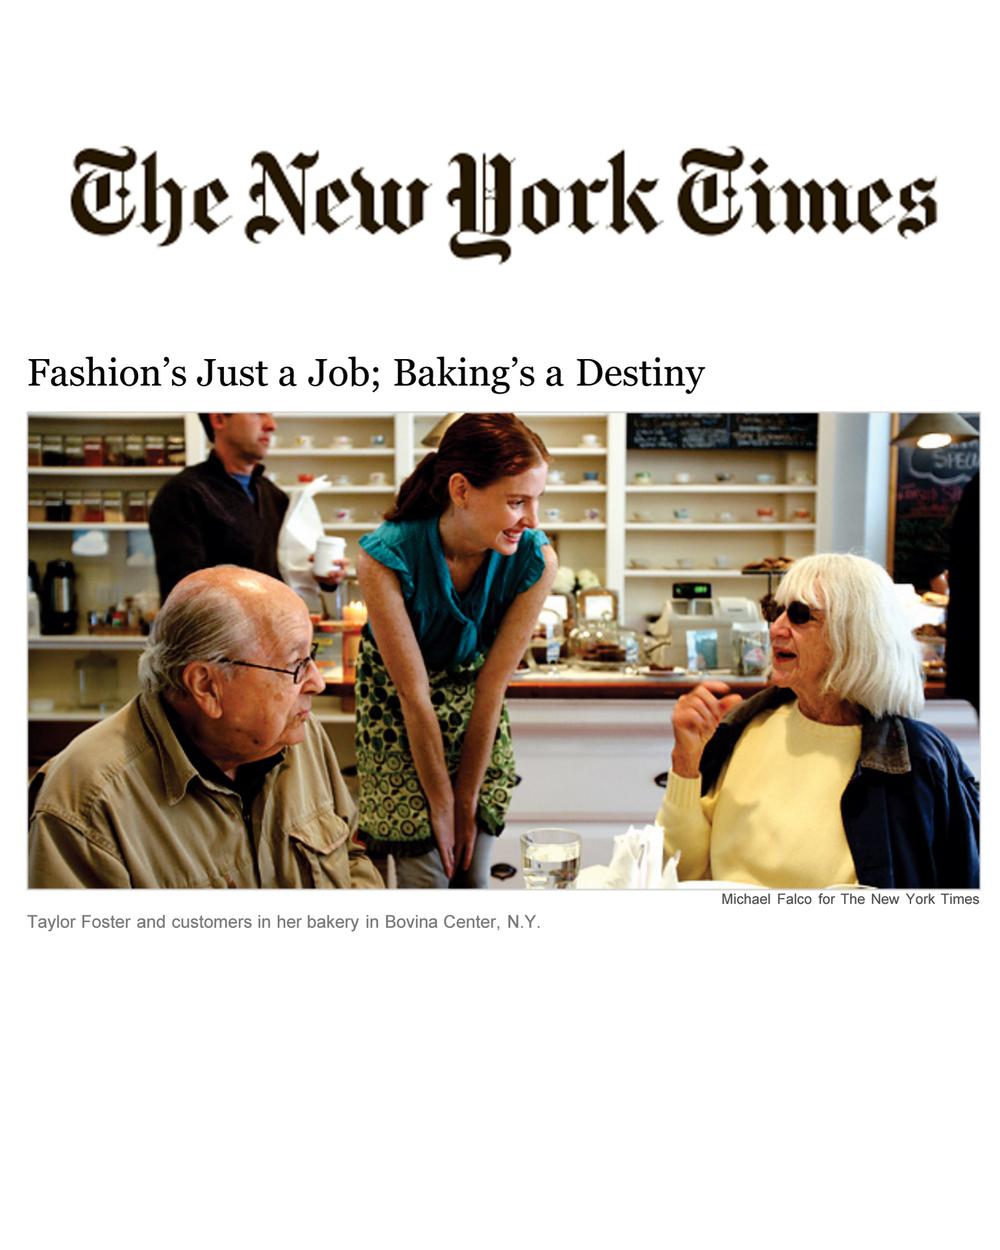 NYTpic.jpg